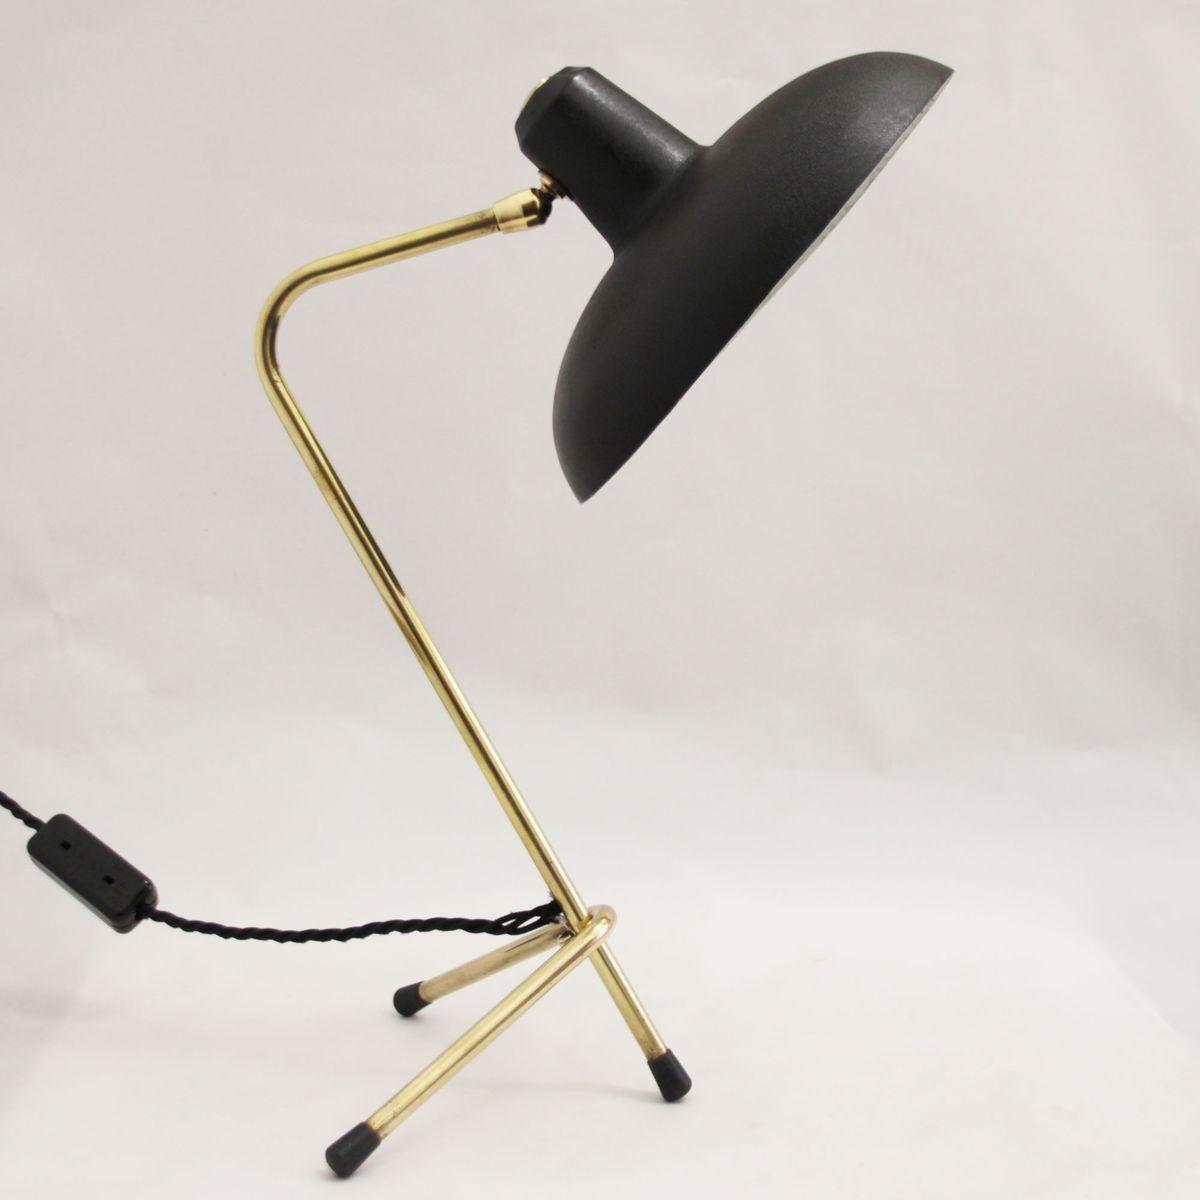 Lampe de bureau cocotte noire vintage 1950s en vente sur pamono - Lampe de bureau noire ...